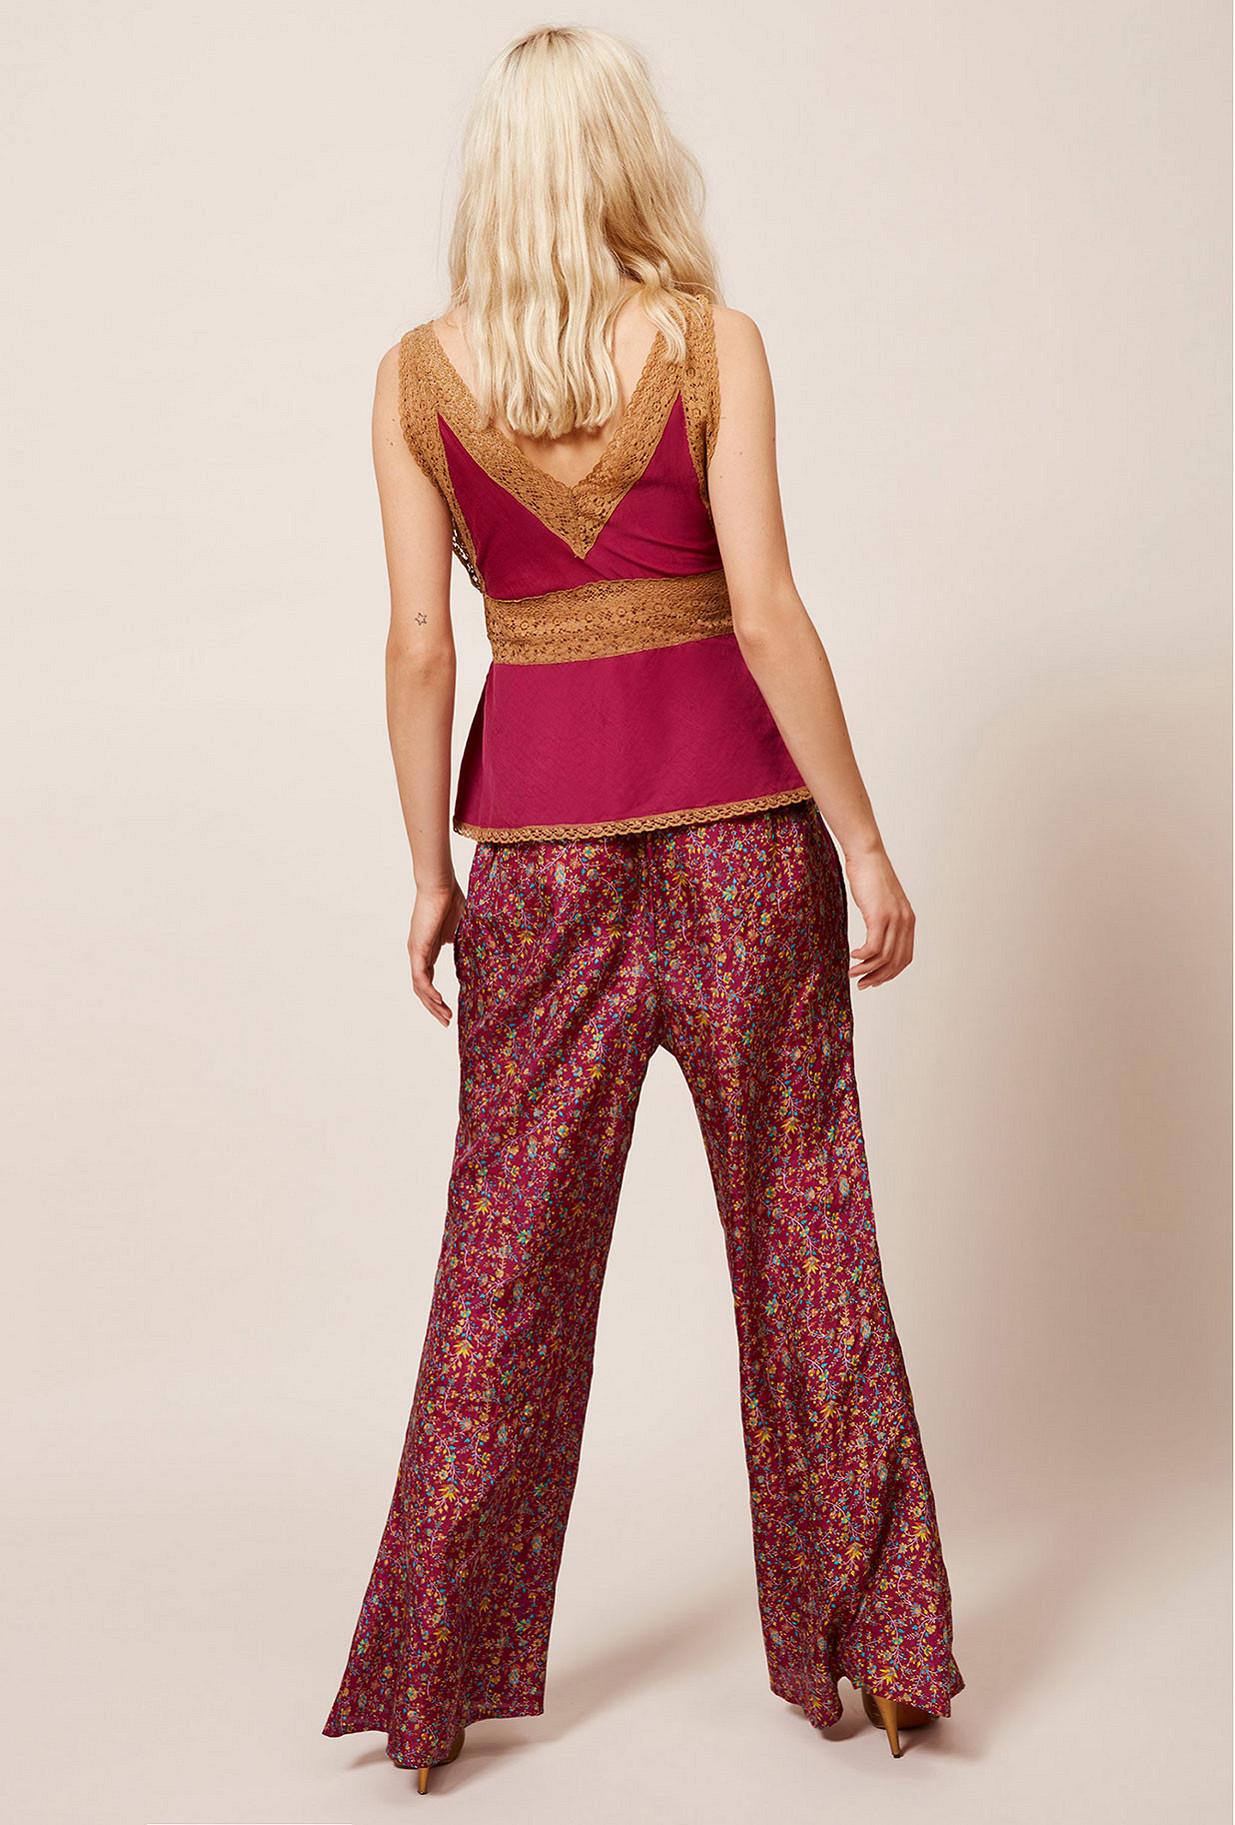 Paris boutique de mode vêtement Top créateur bohème  Gloria